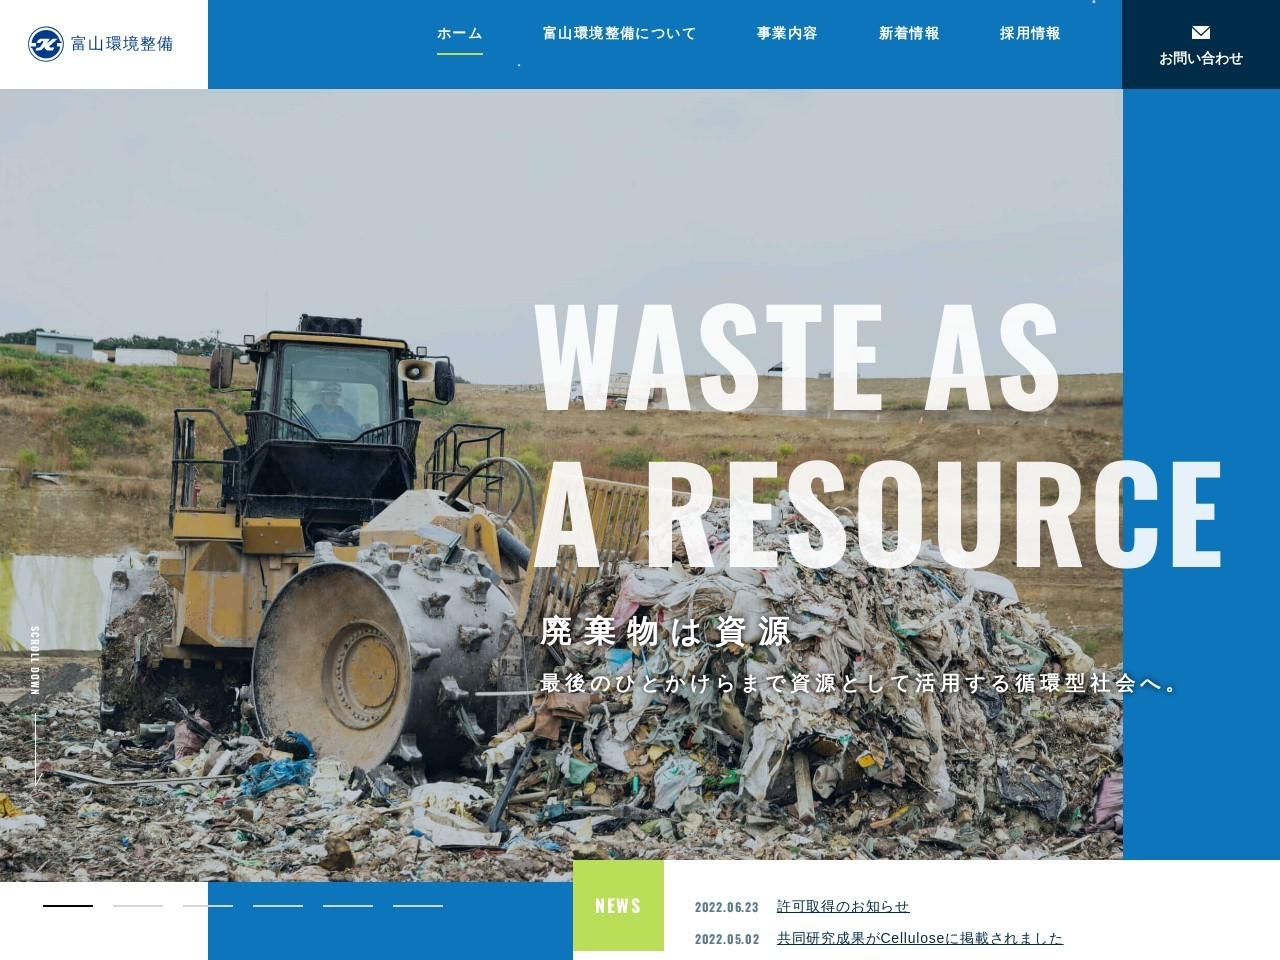 株式会社富山環境整備